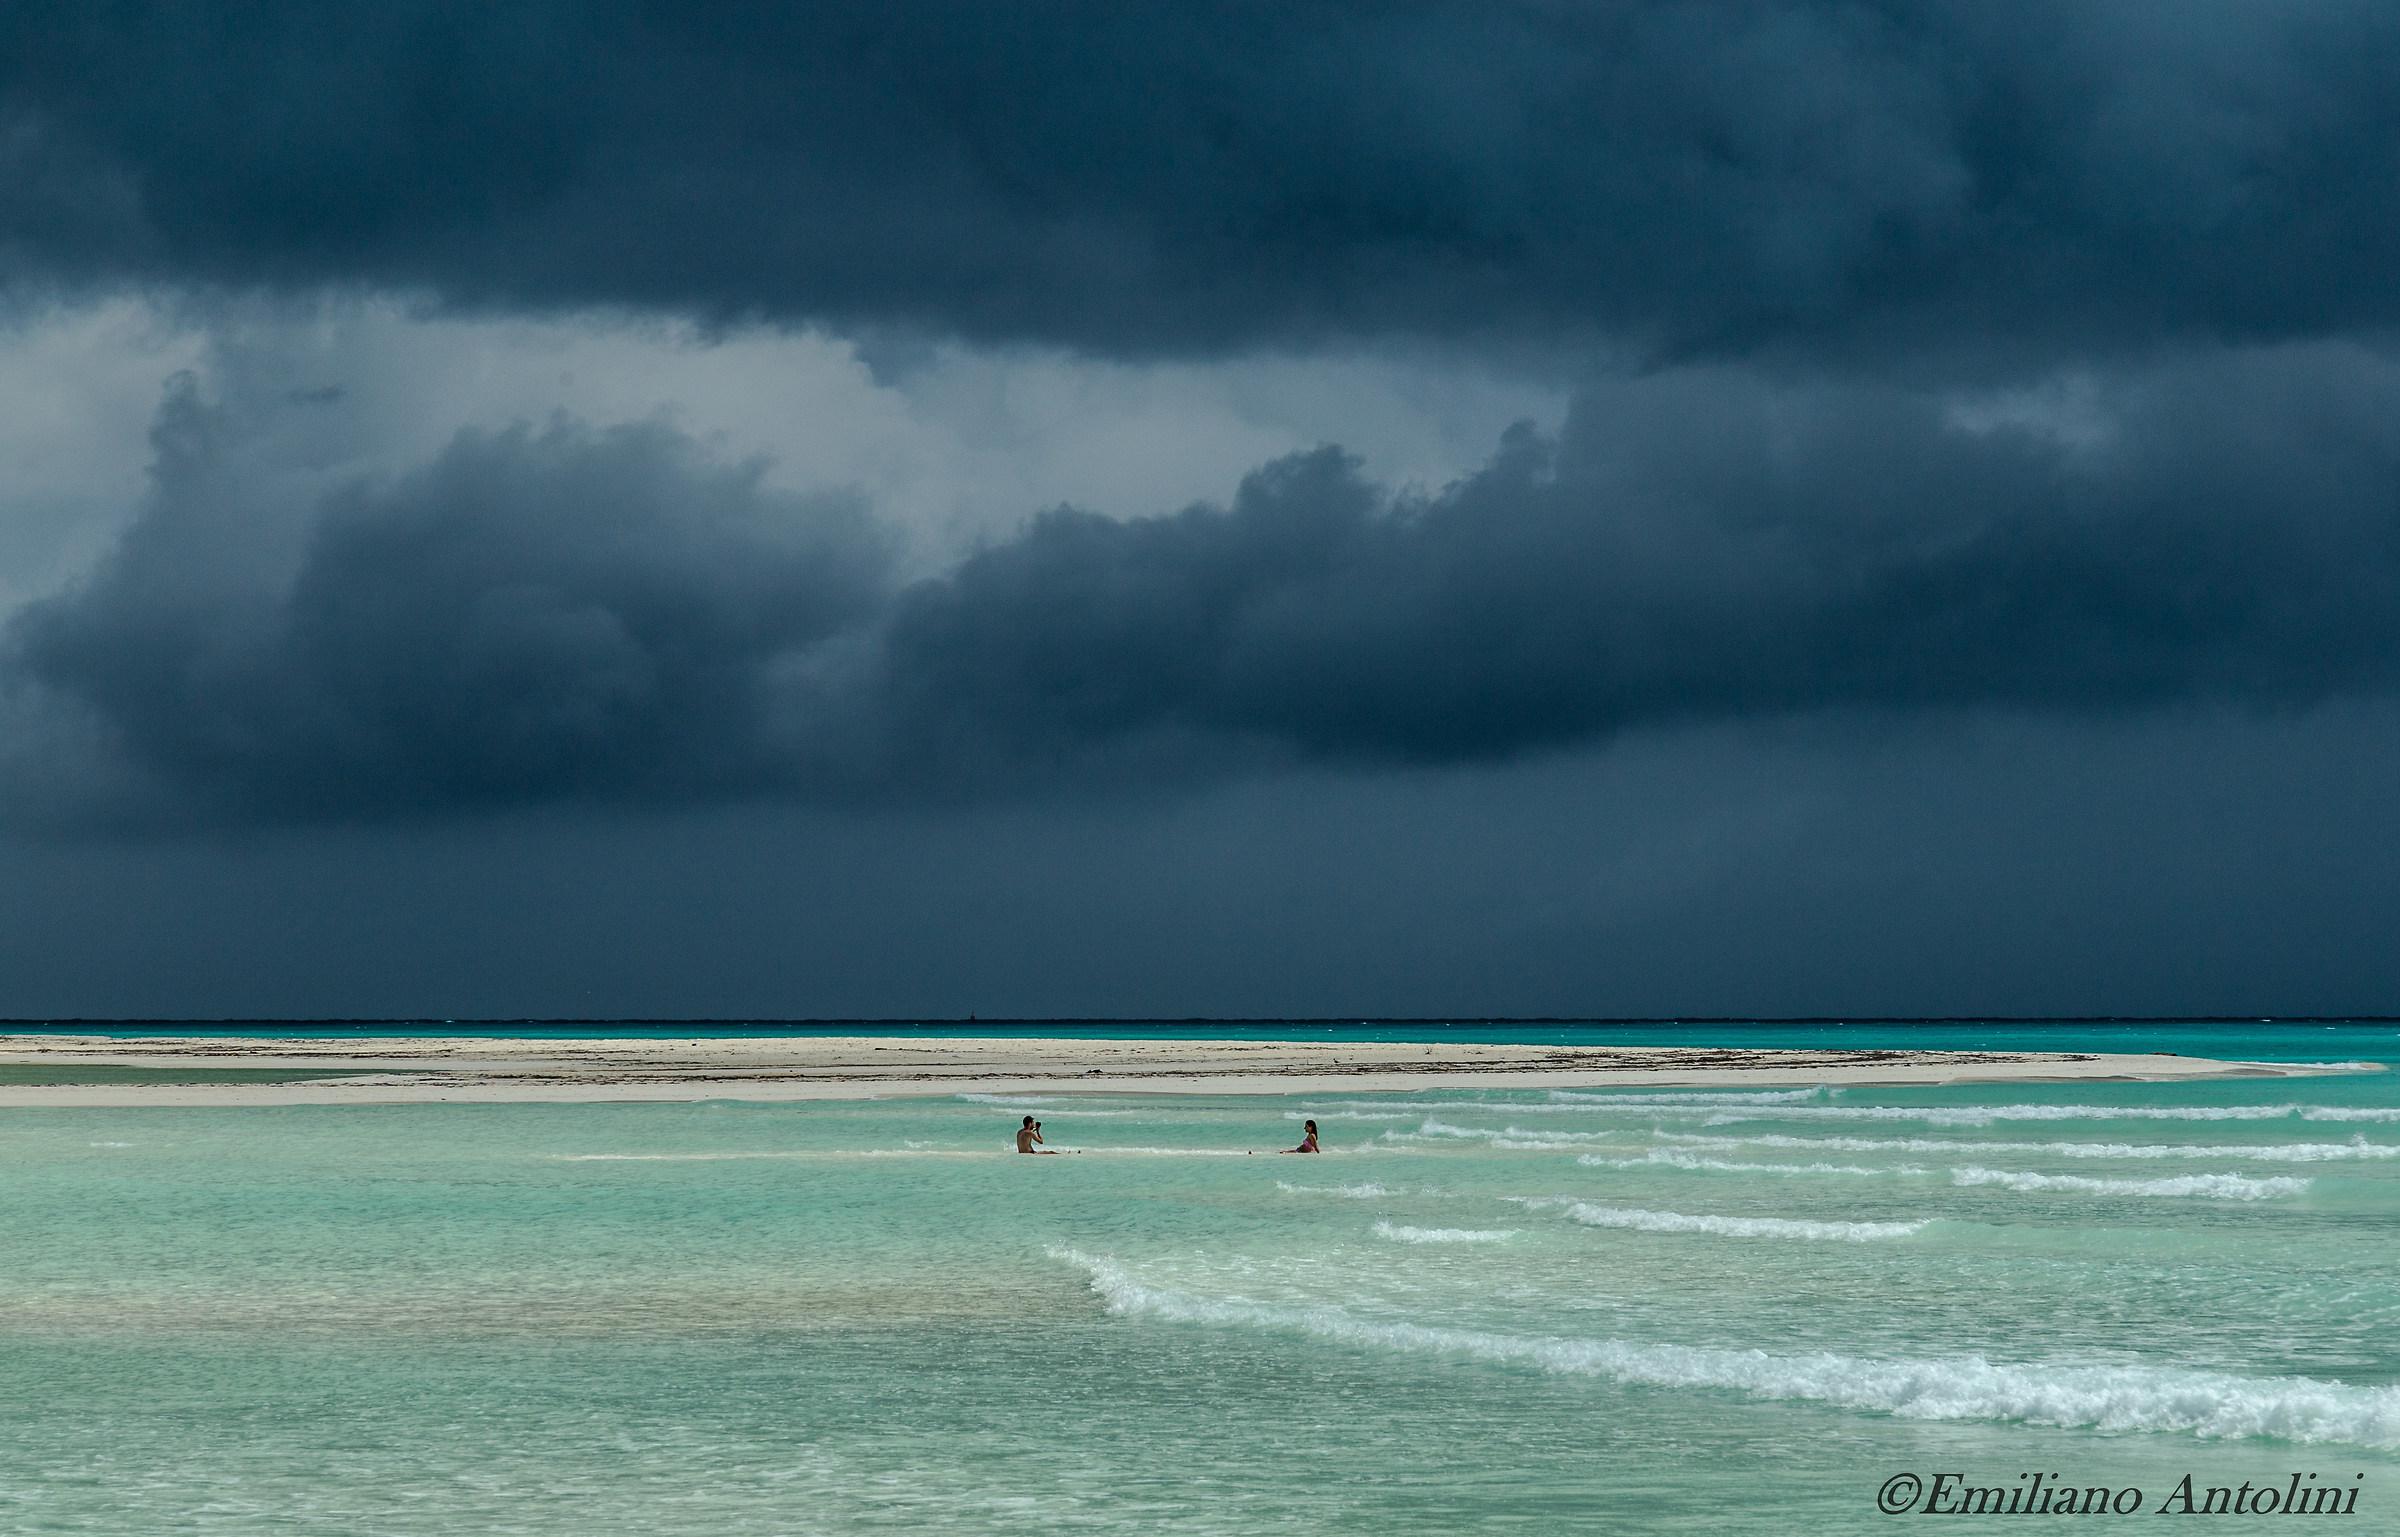 Playa paraiso...